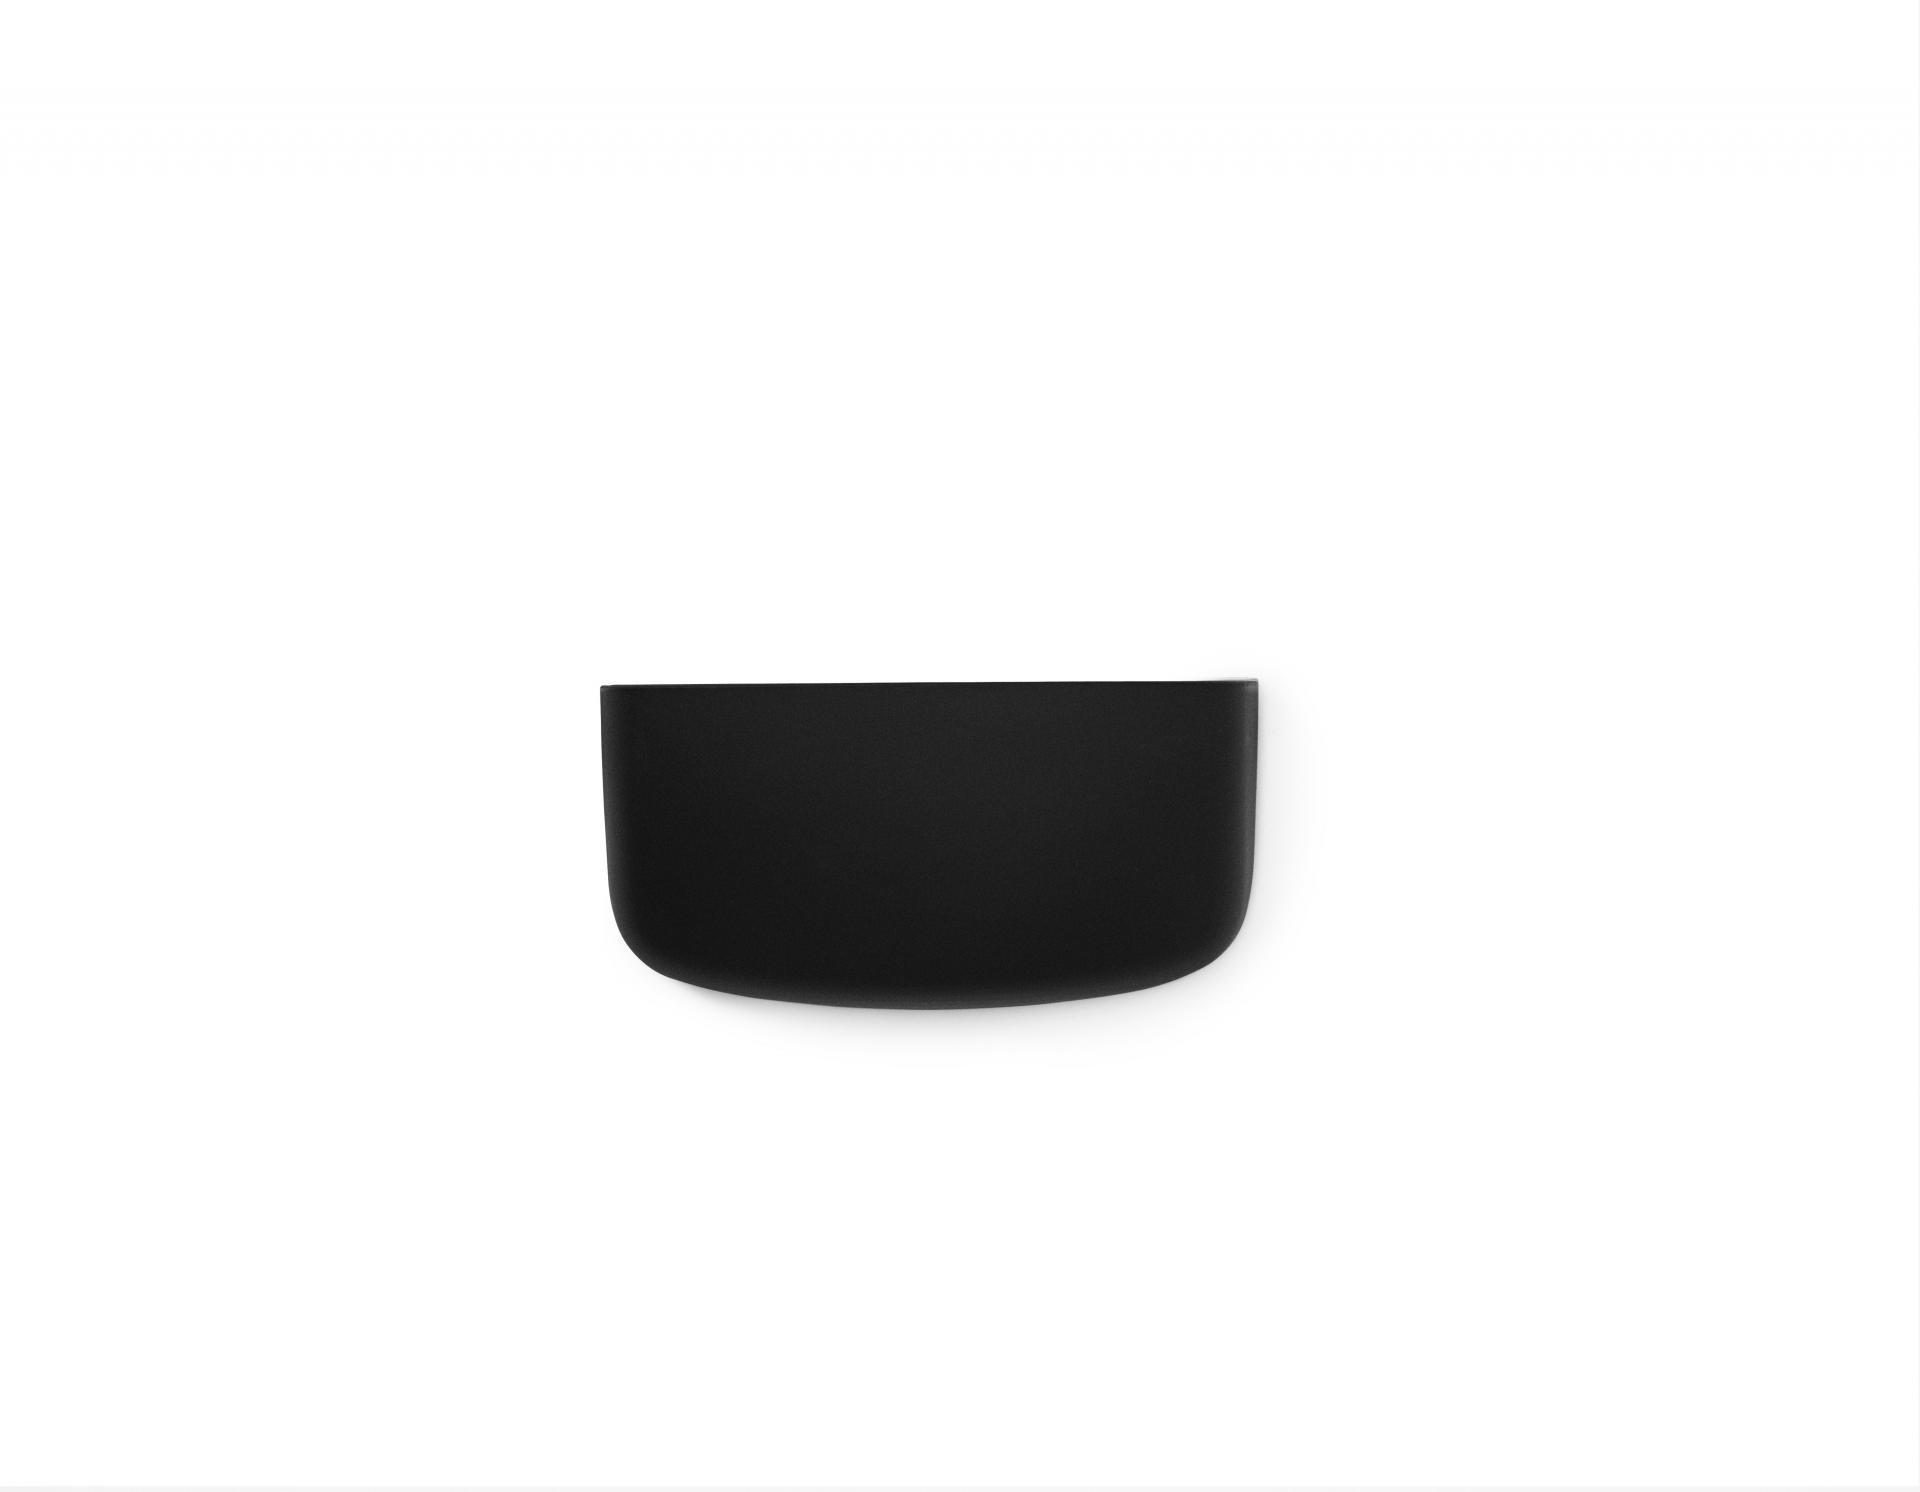 normann COPENHAGEN Nástěnný organizér Black Pocket 1, černá barva, plast